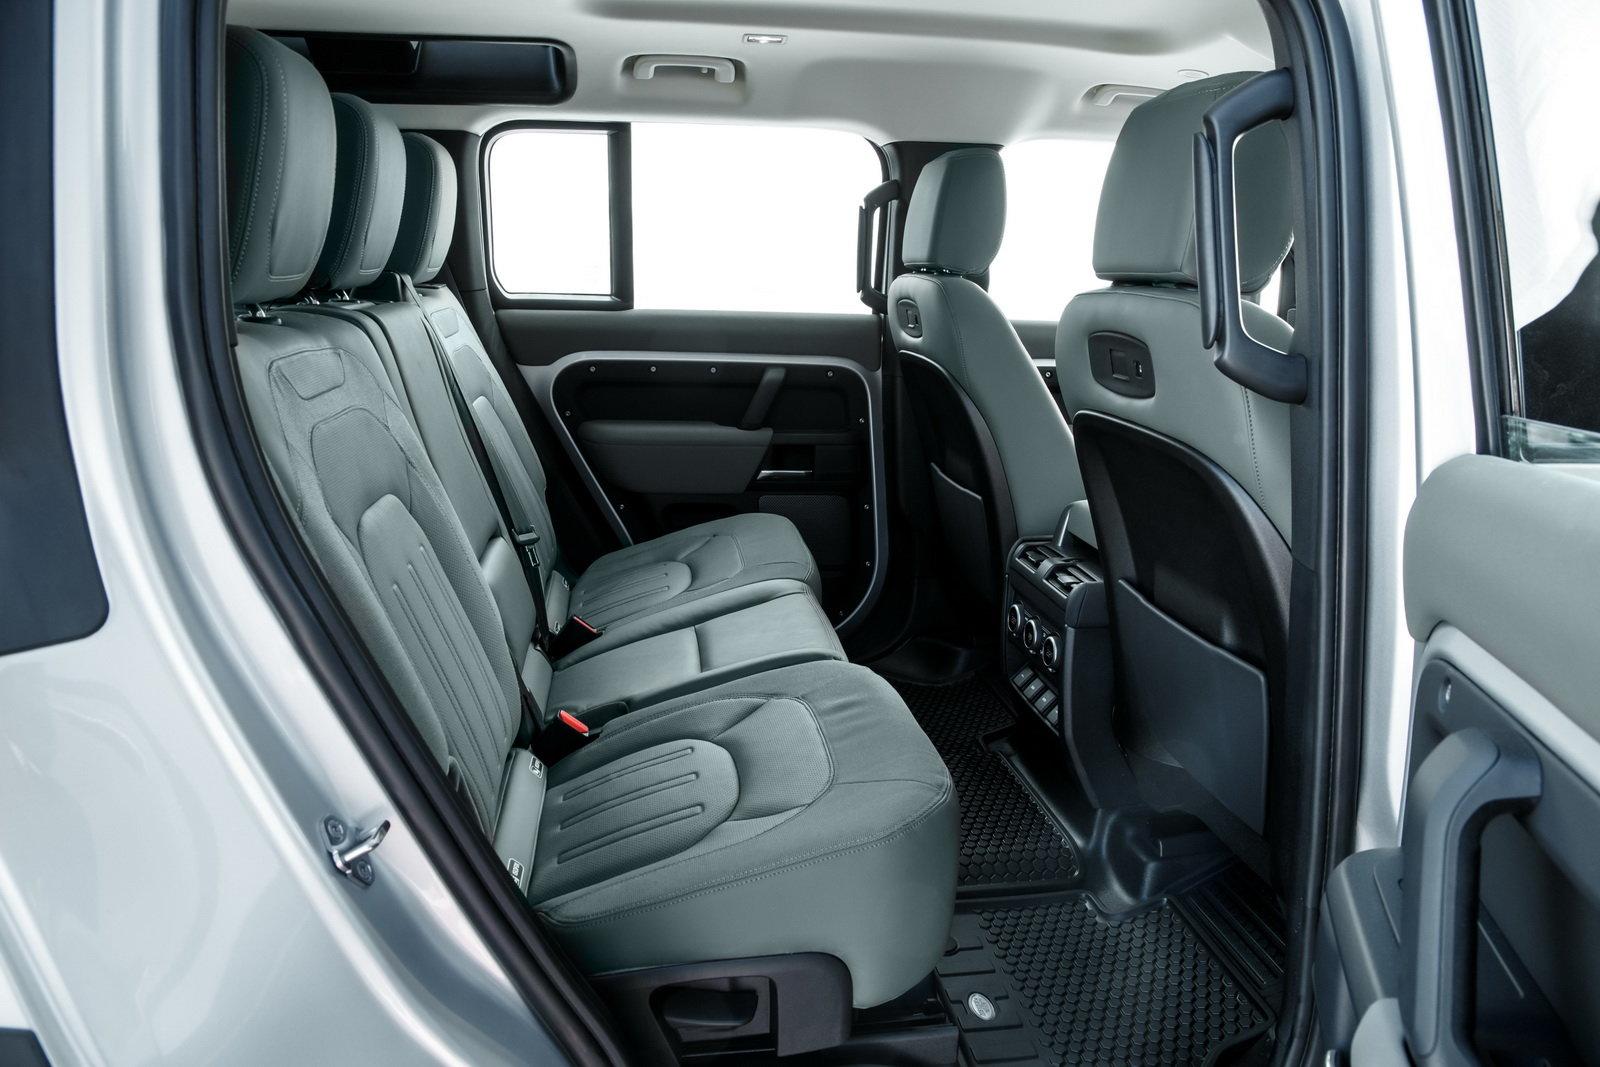 Sedile Imponente E Severo.Land Rover Defender Prova Scheda Tecnica Opinioni E Dimensioni 110 2 0 Sd4 240 Cv